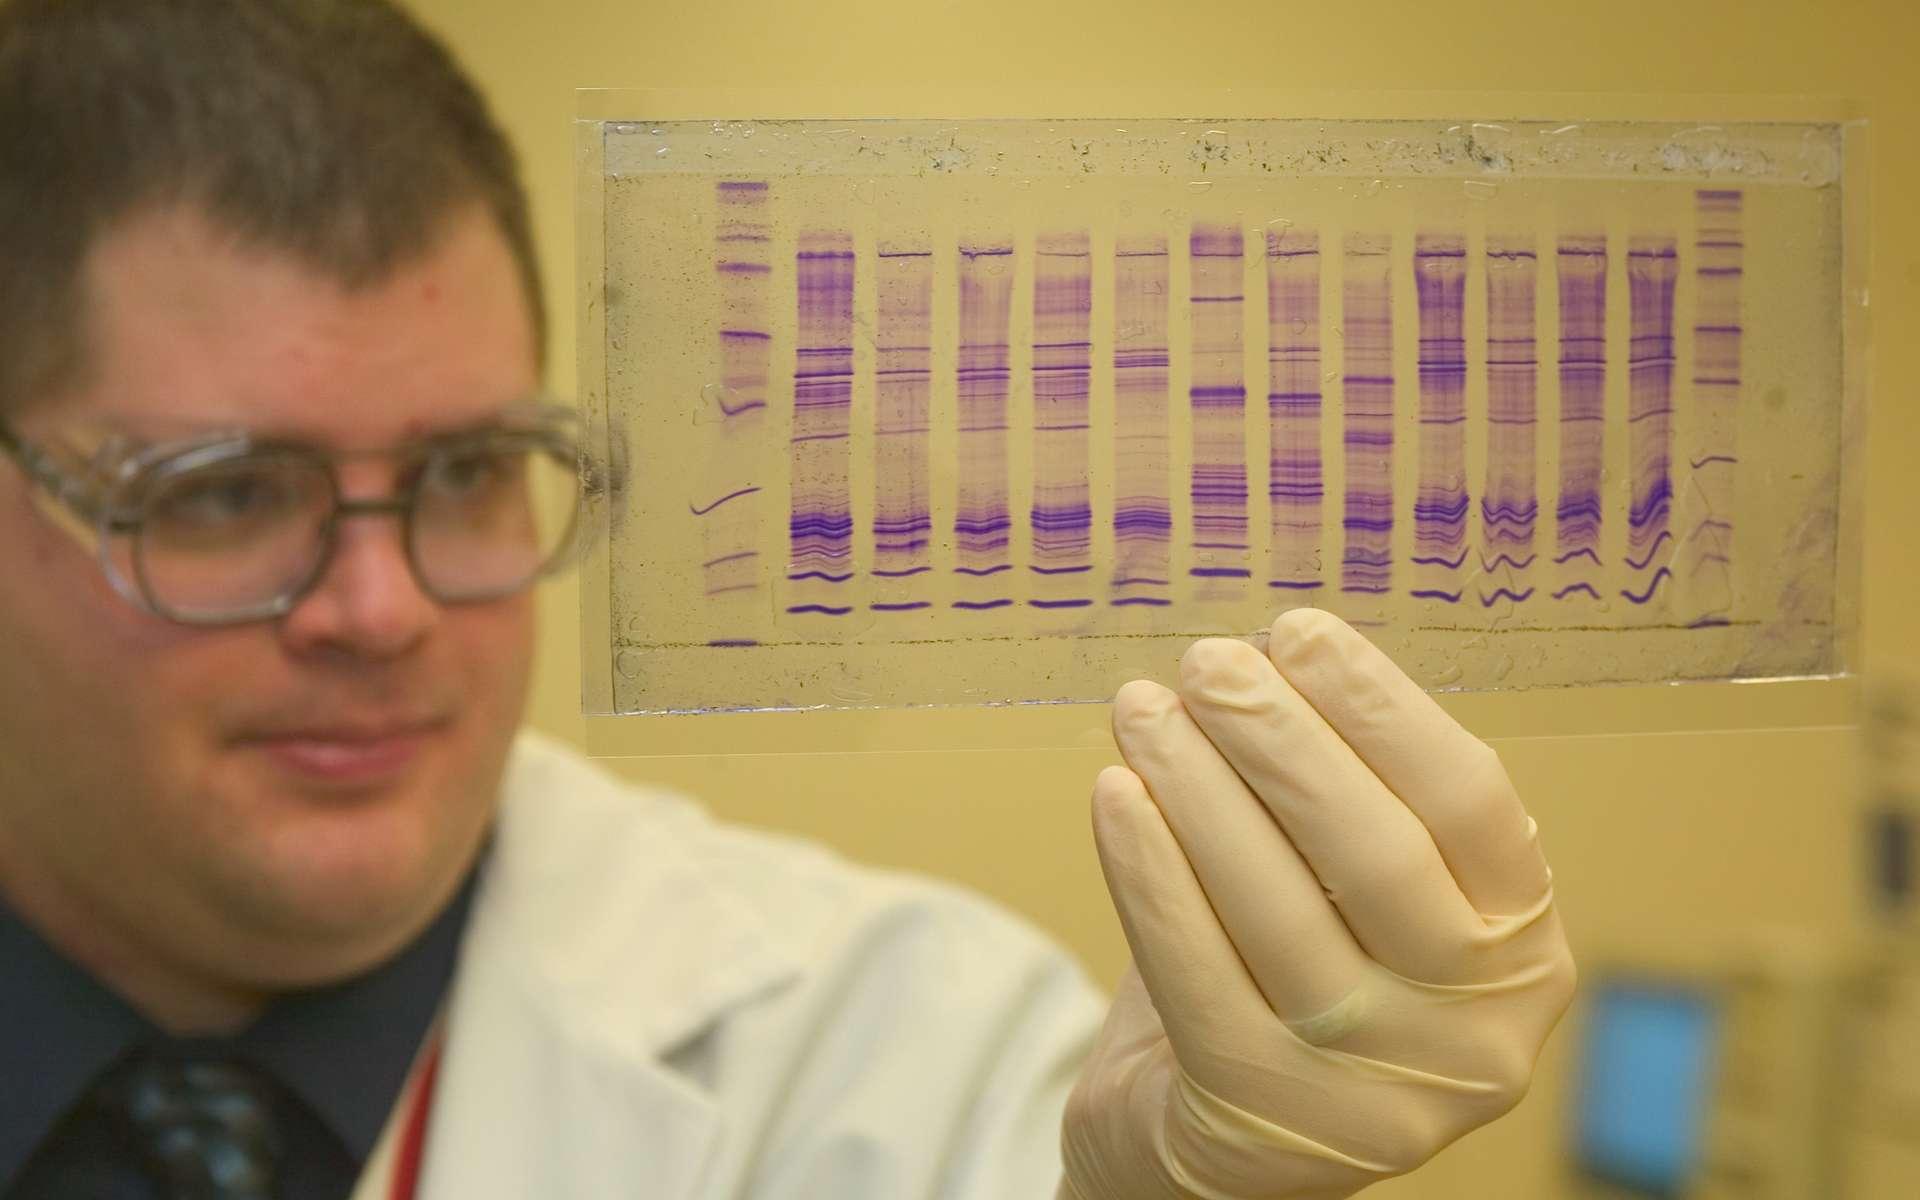 L'étude de l'ADN entre dans le champ de la biochimie. © James Tourtellotte, Wikipedia, DP